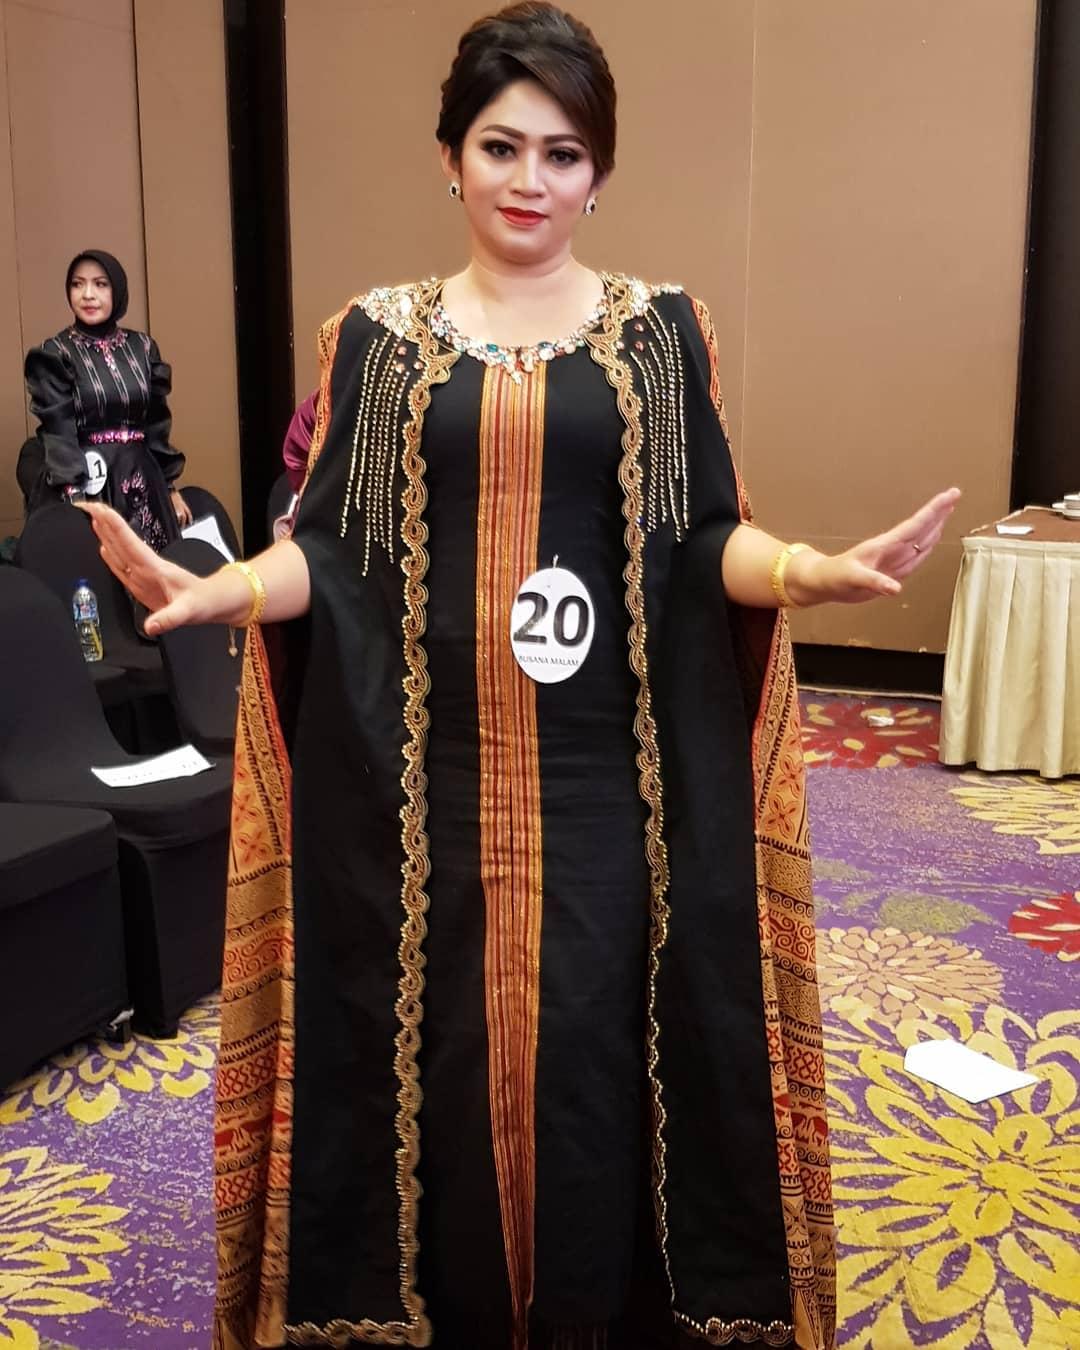 40 Model Baju Tenun Toraja Wanita Koleksi Terbaru 2019 Terbaru9 Info